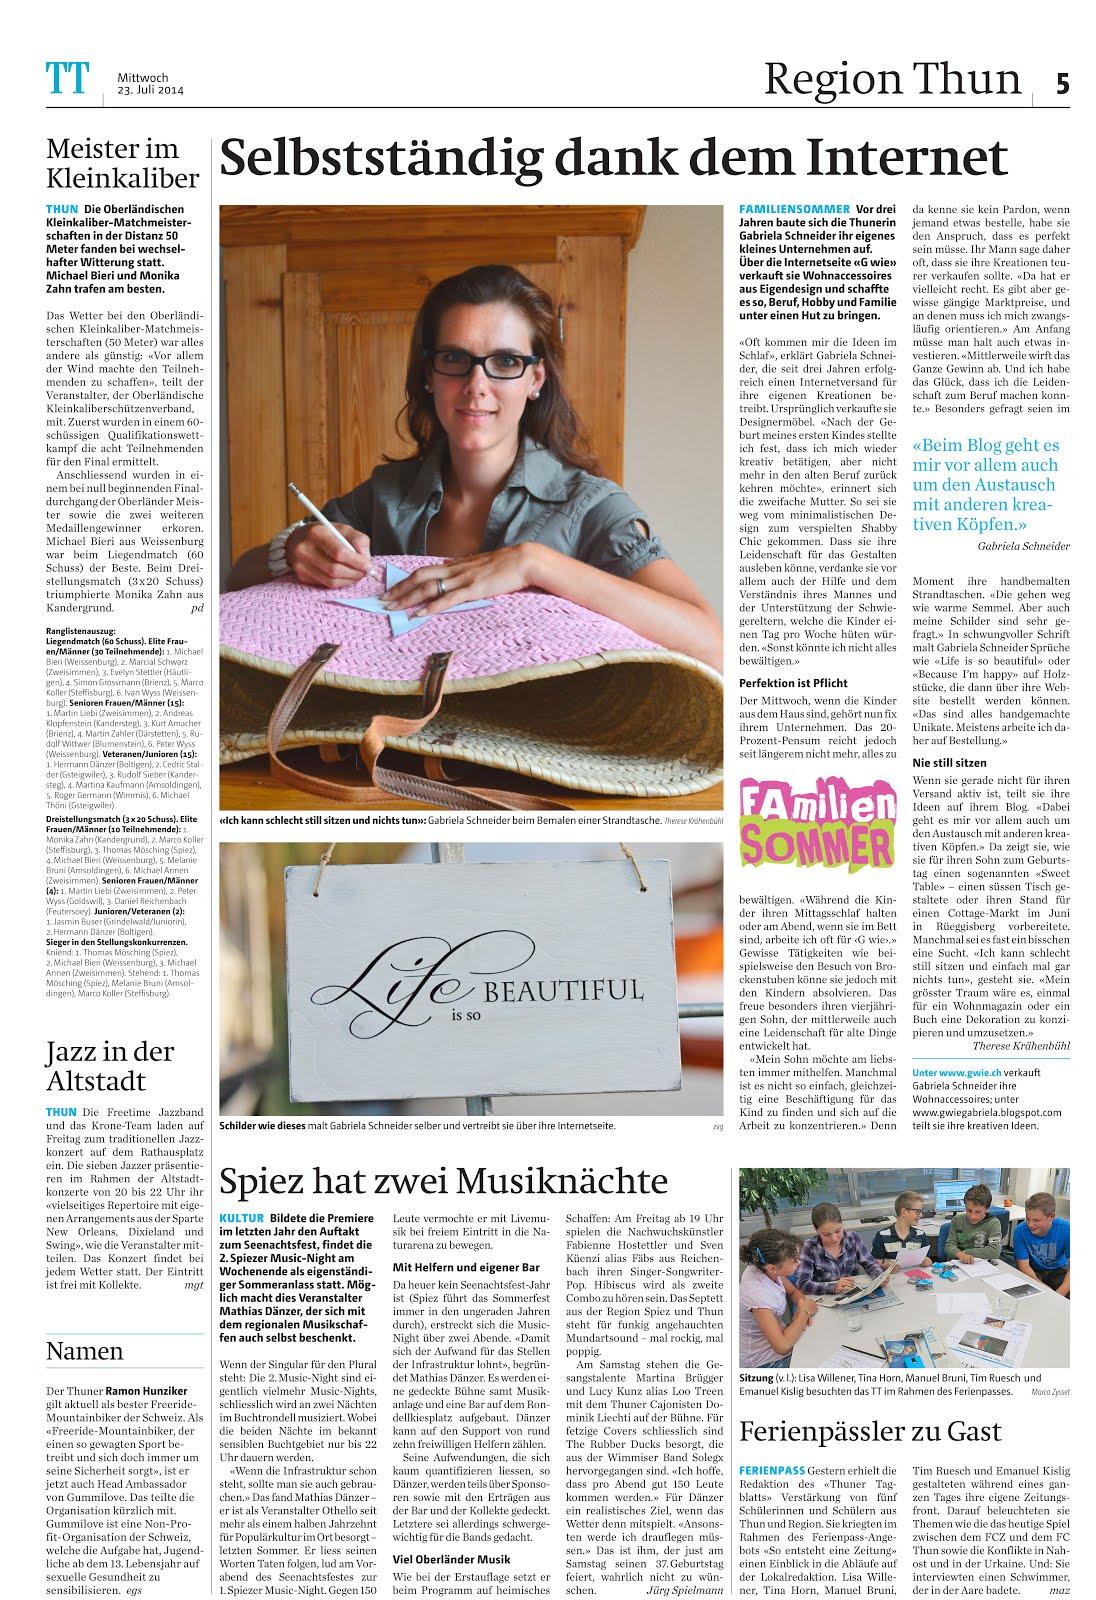 Publikation im Thuner Tagblatt